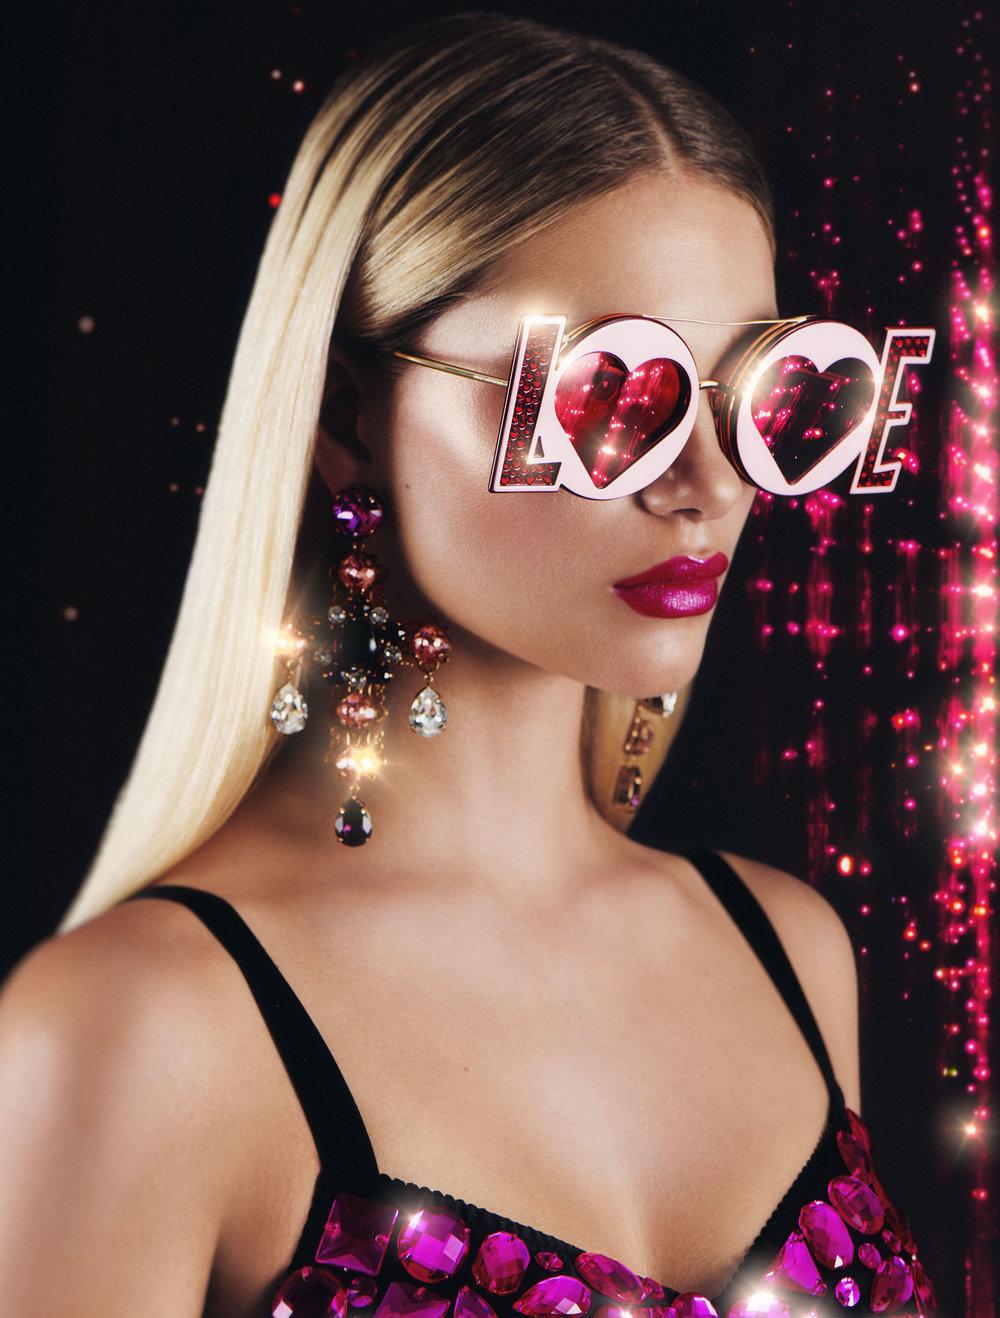 Luxure_DG_Sep18_Love_Glasses.jpg